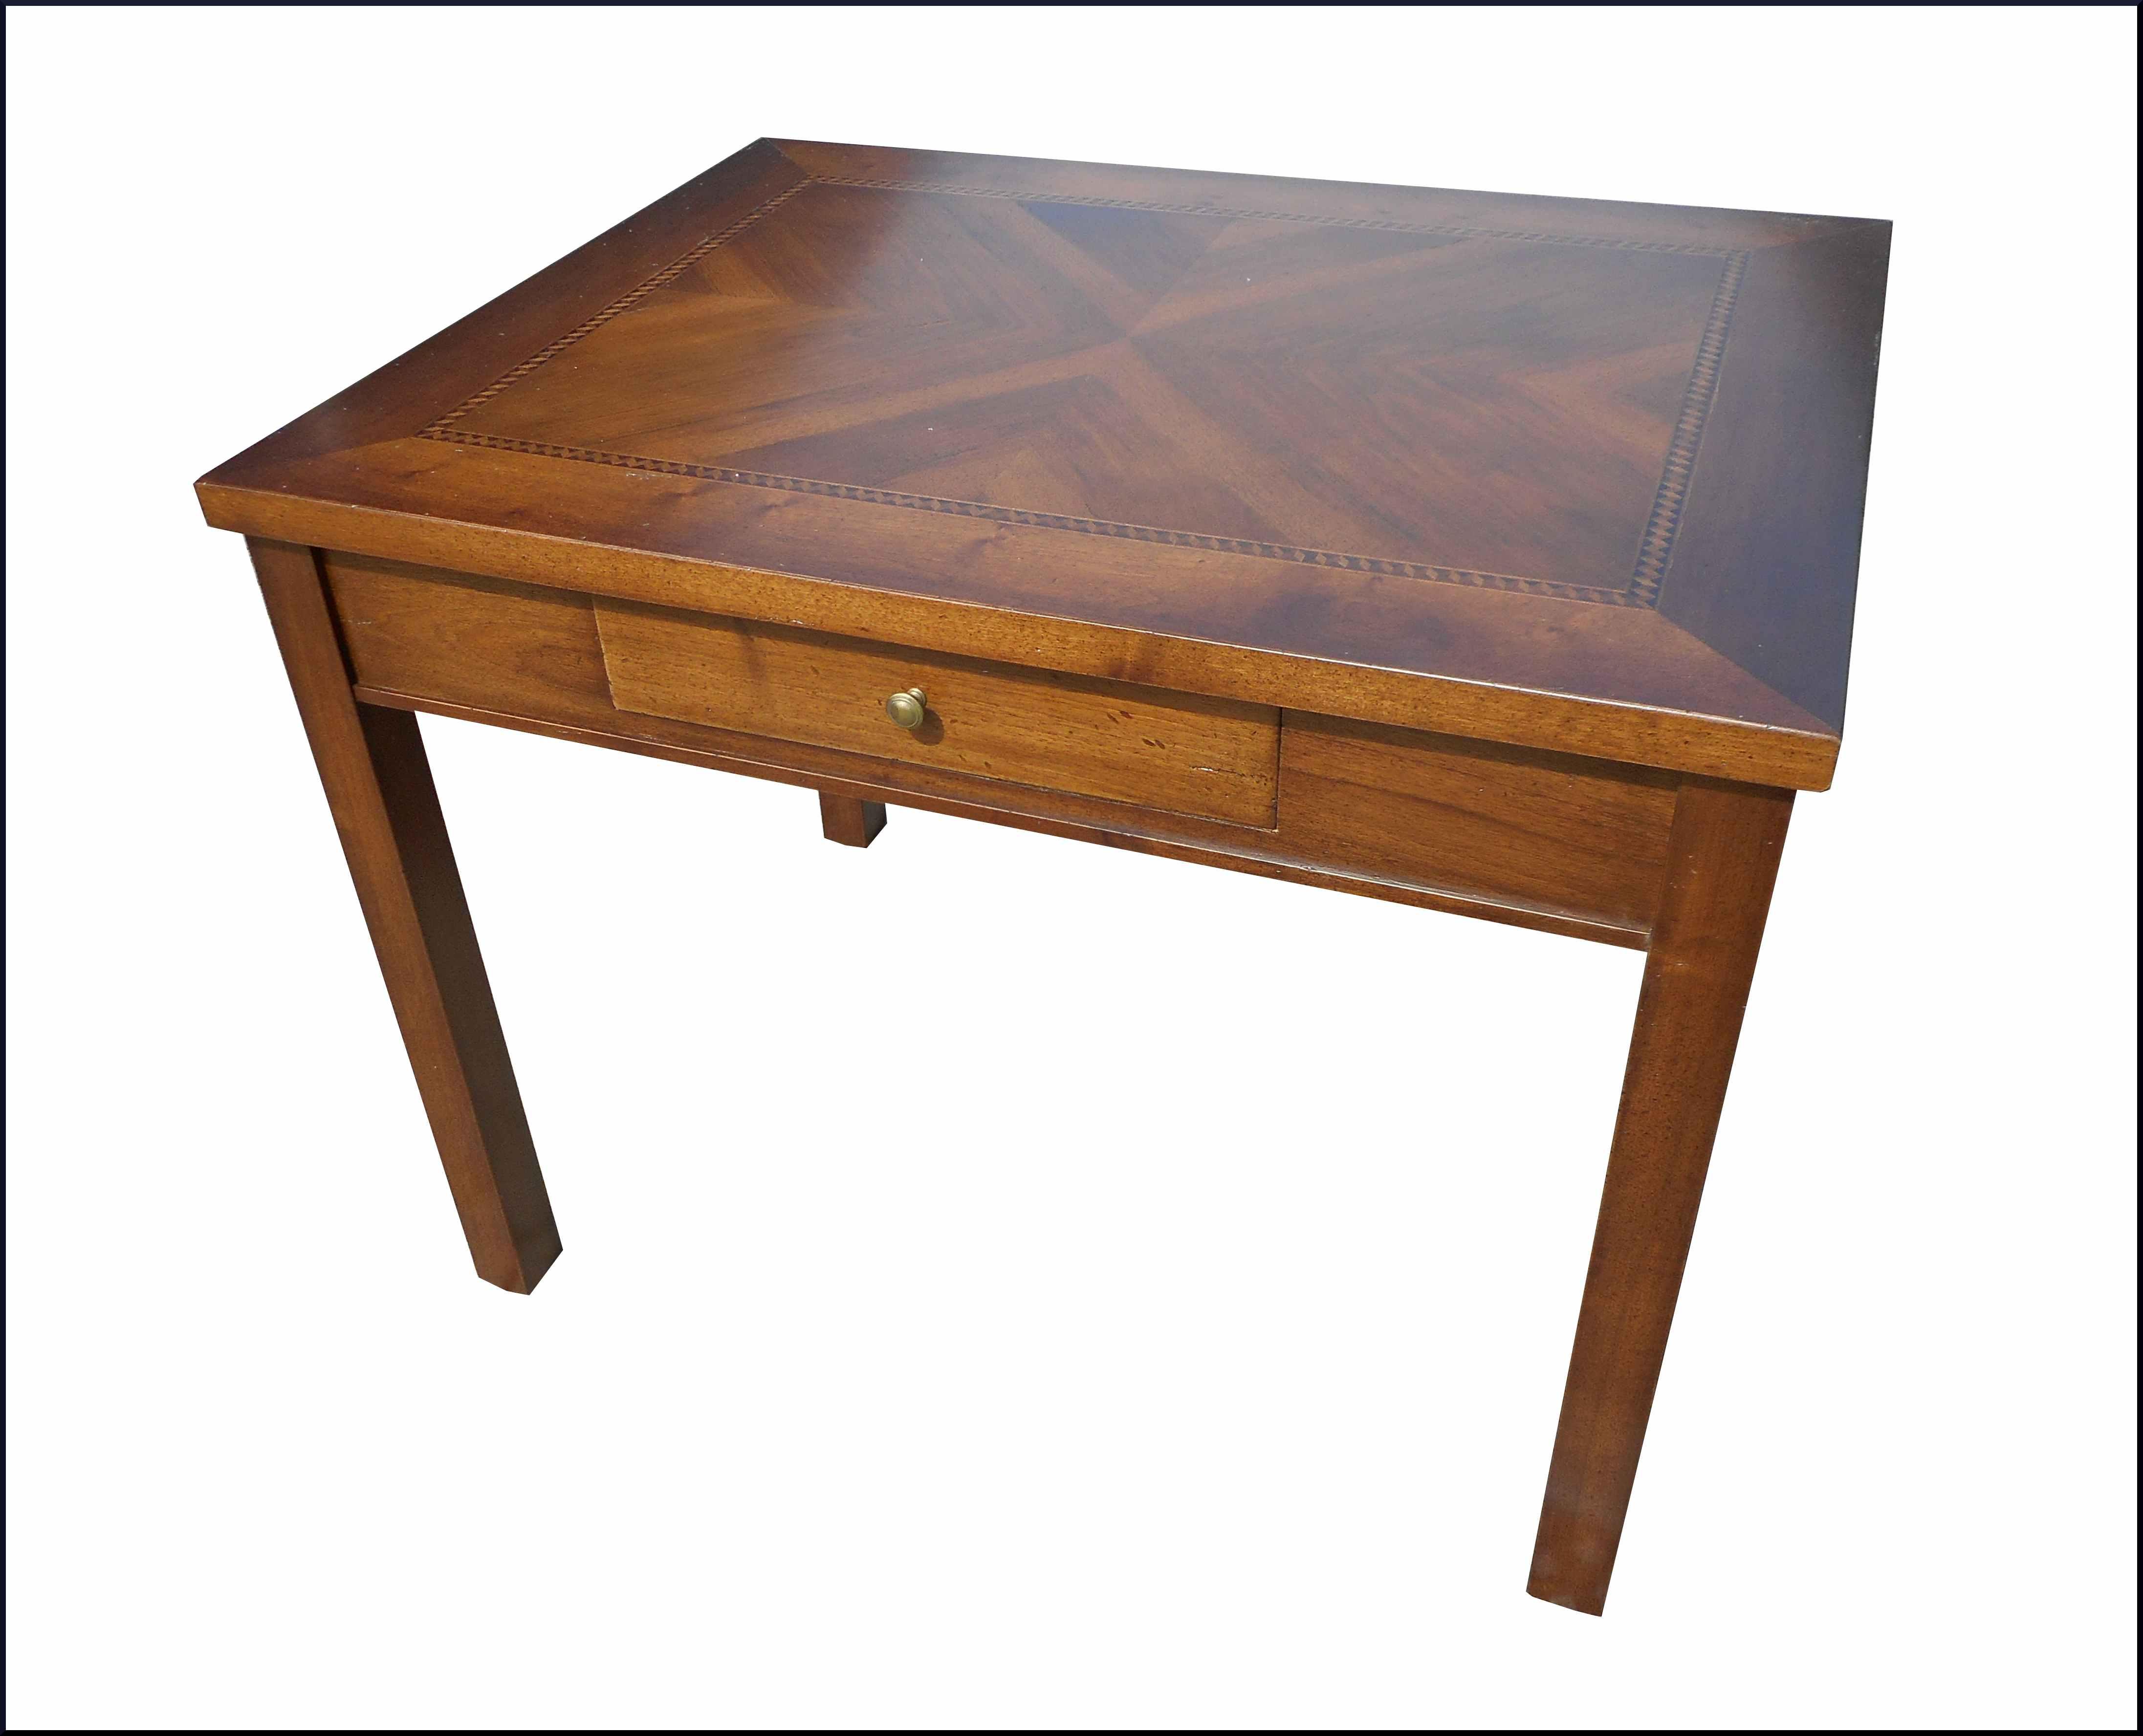 Arredare con mobili antichi e moderni - Mobili restaurati ...